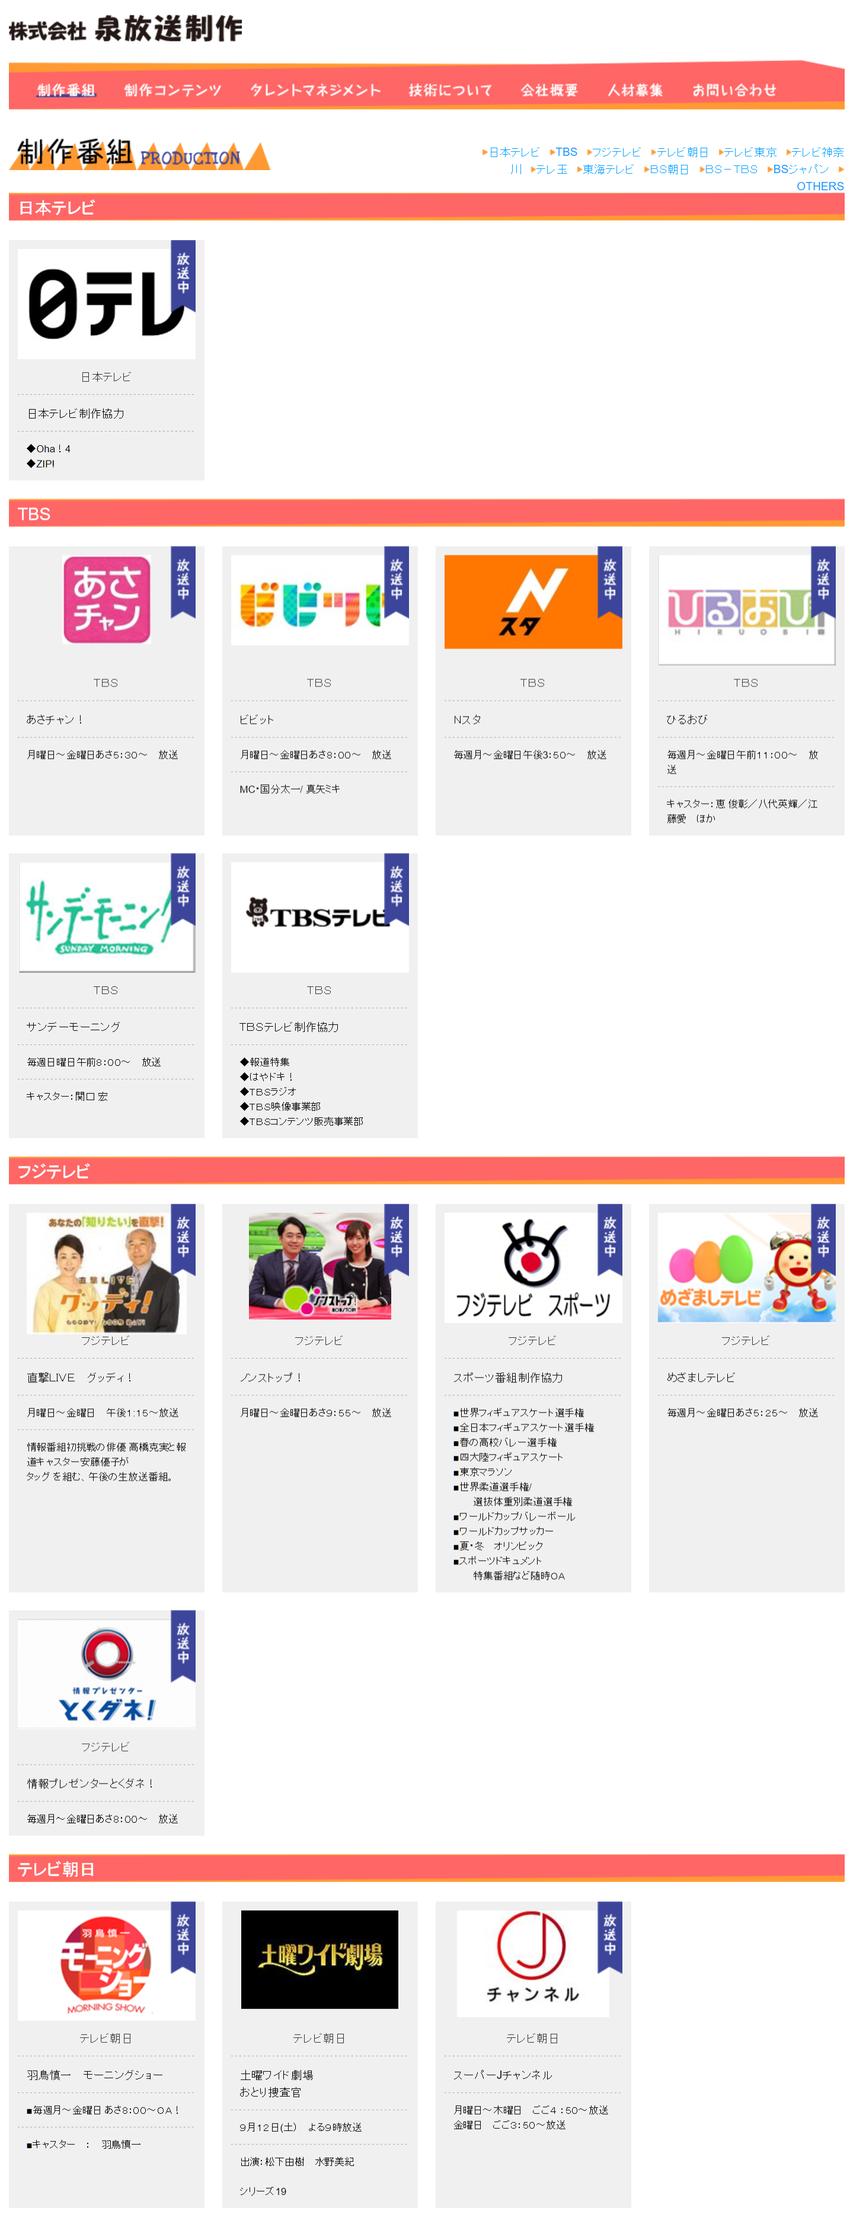 制作番組 I 株式会社 泉放送制作